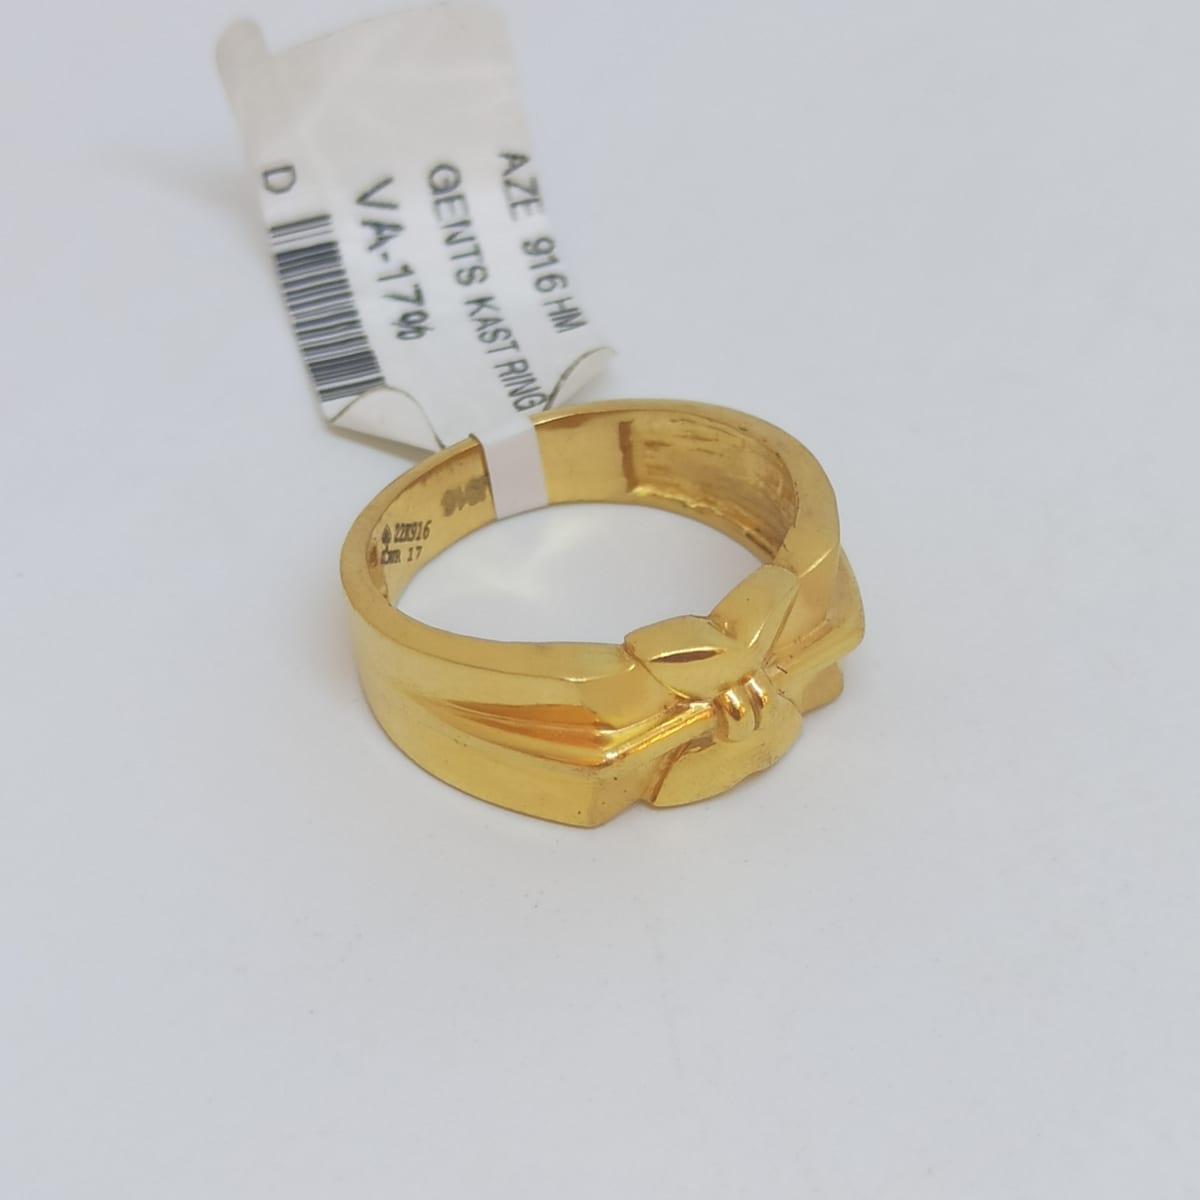 Ranjith Ring